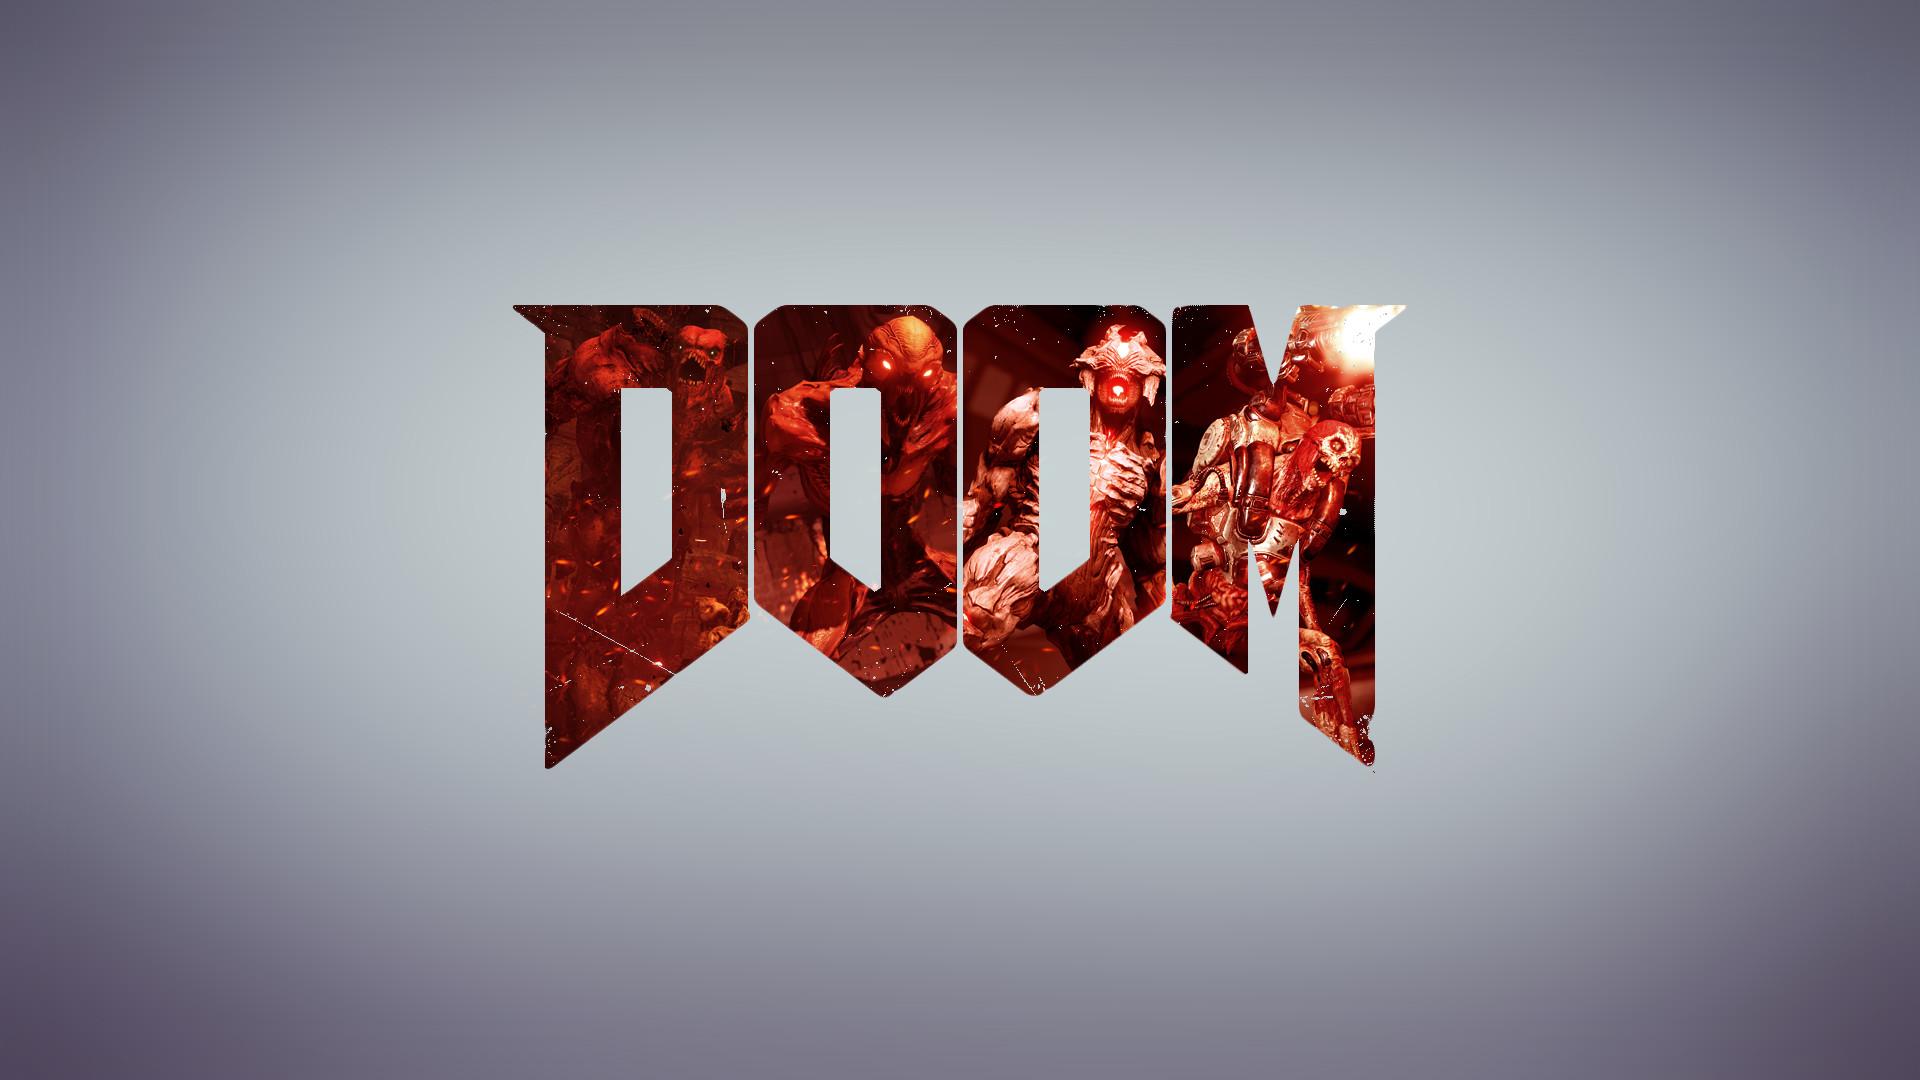 Video Game – Doom (2016) Minimalist Doom Wallpaper